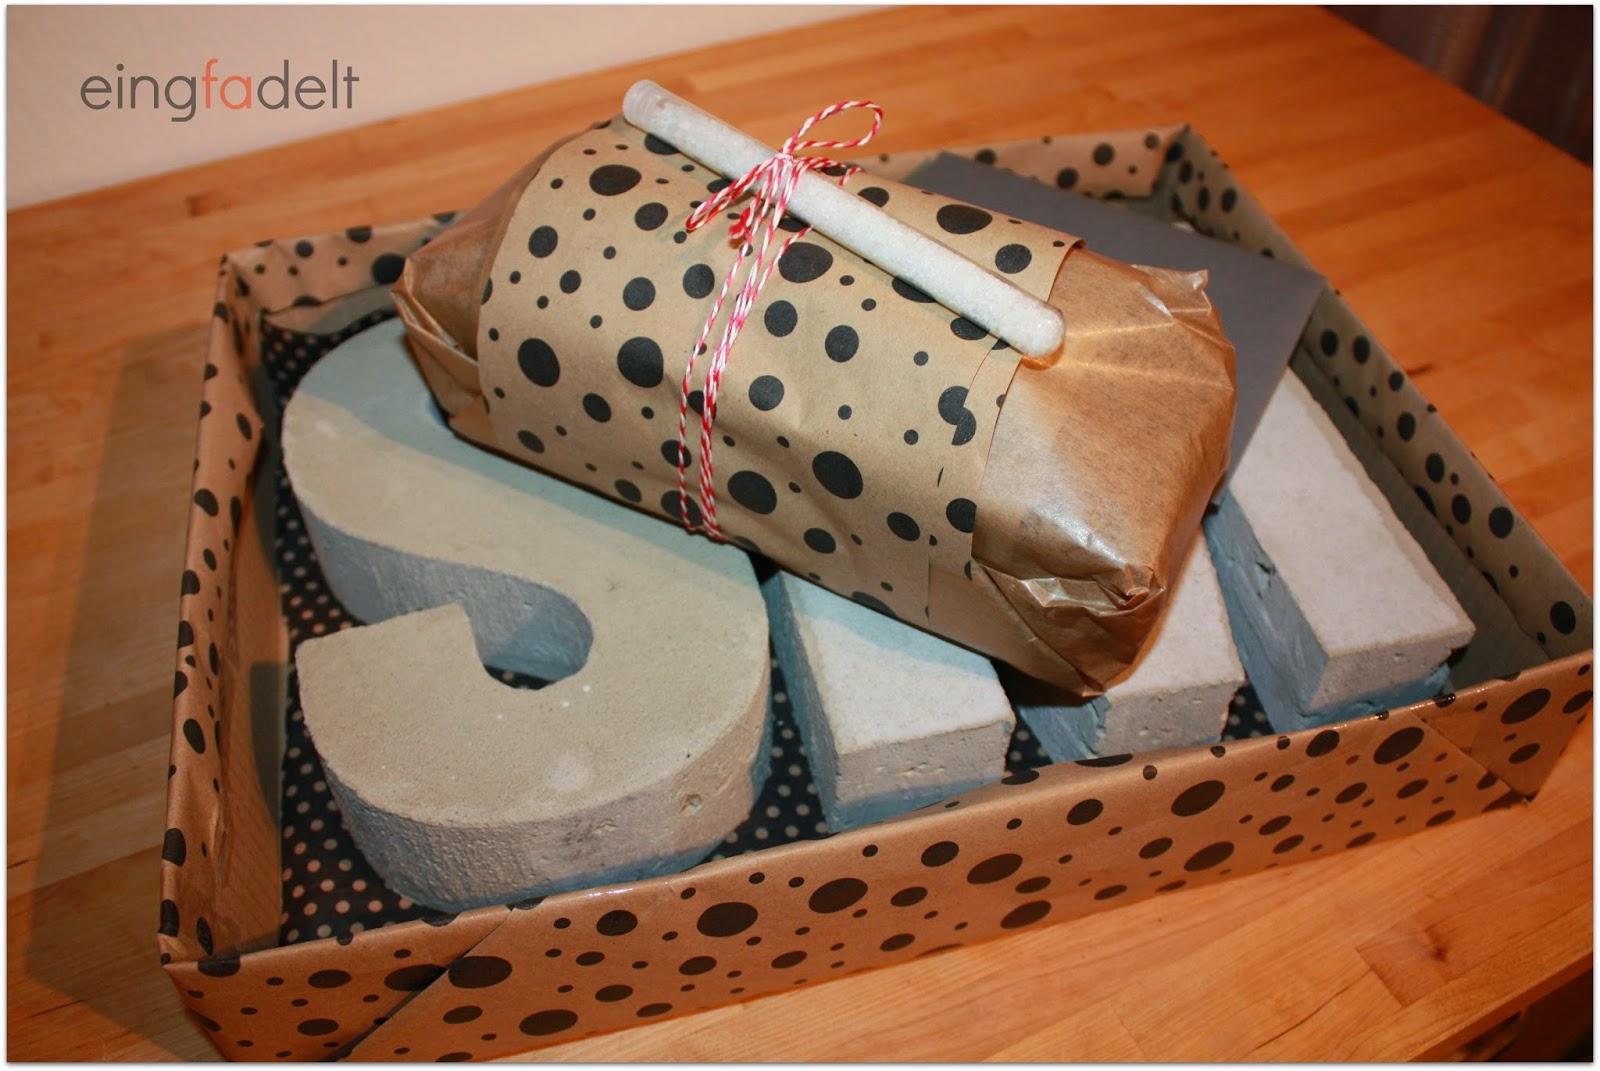 Geschenke einweihung hauseinweihung wohn design - Einweihungsgeschenk wohnung ...